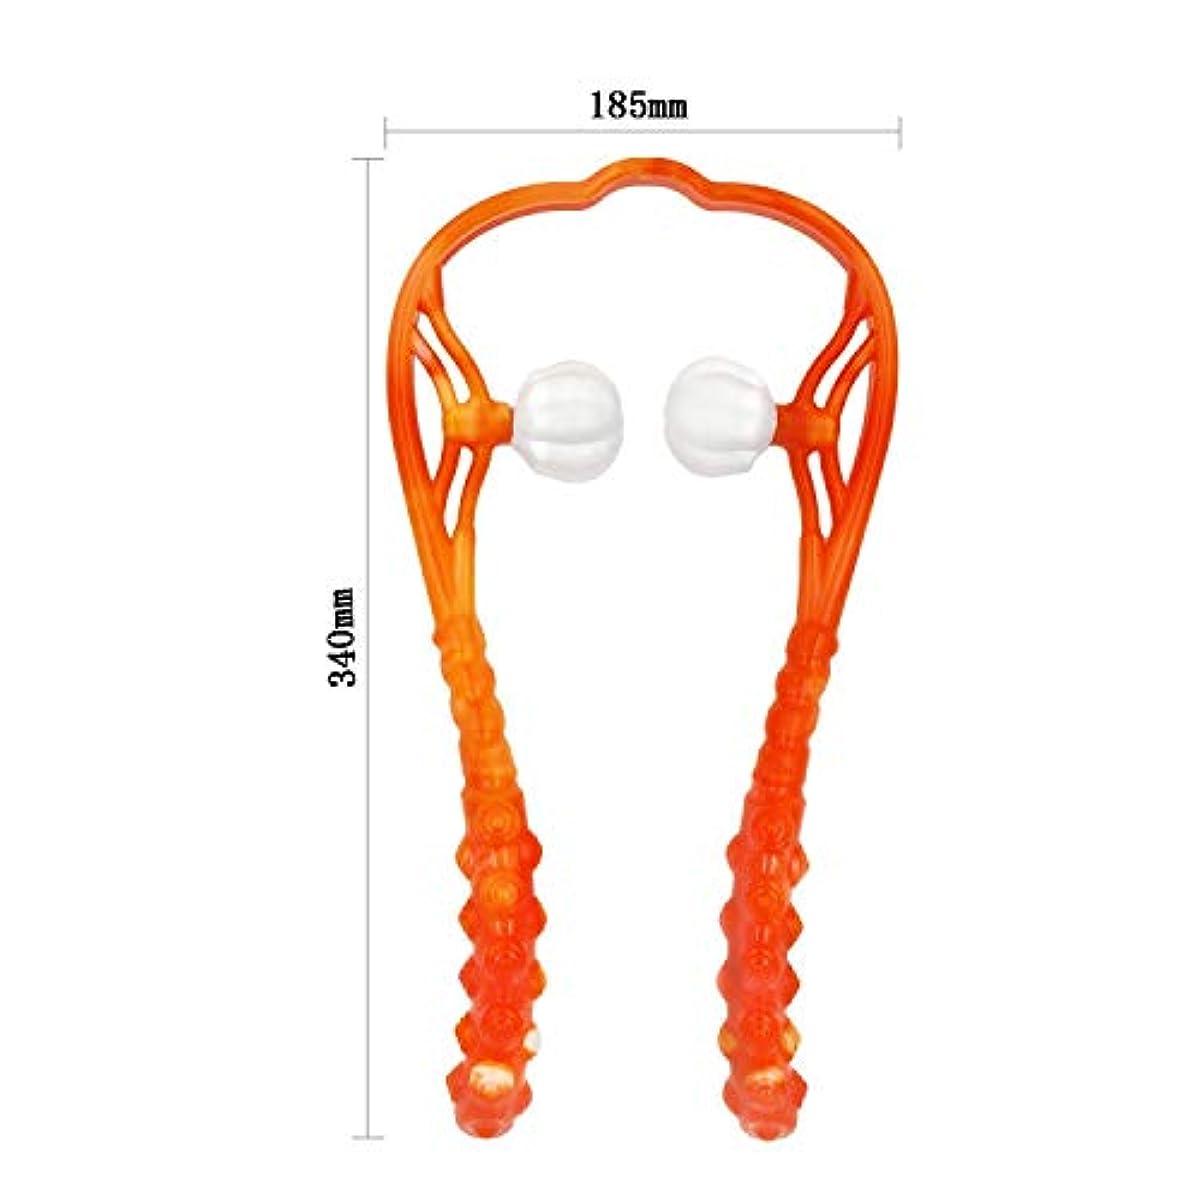 経験的シャベル医療のSimg ネック マッサージャー 首マッサージ器 肩 首 腰 足 凝り用 簡易マッサージローラー リンパマッサージ つぼ押し